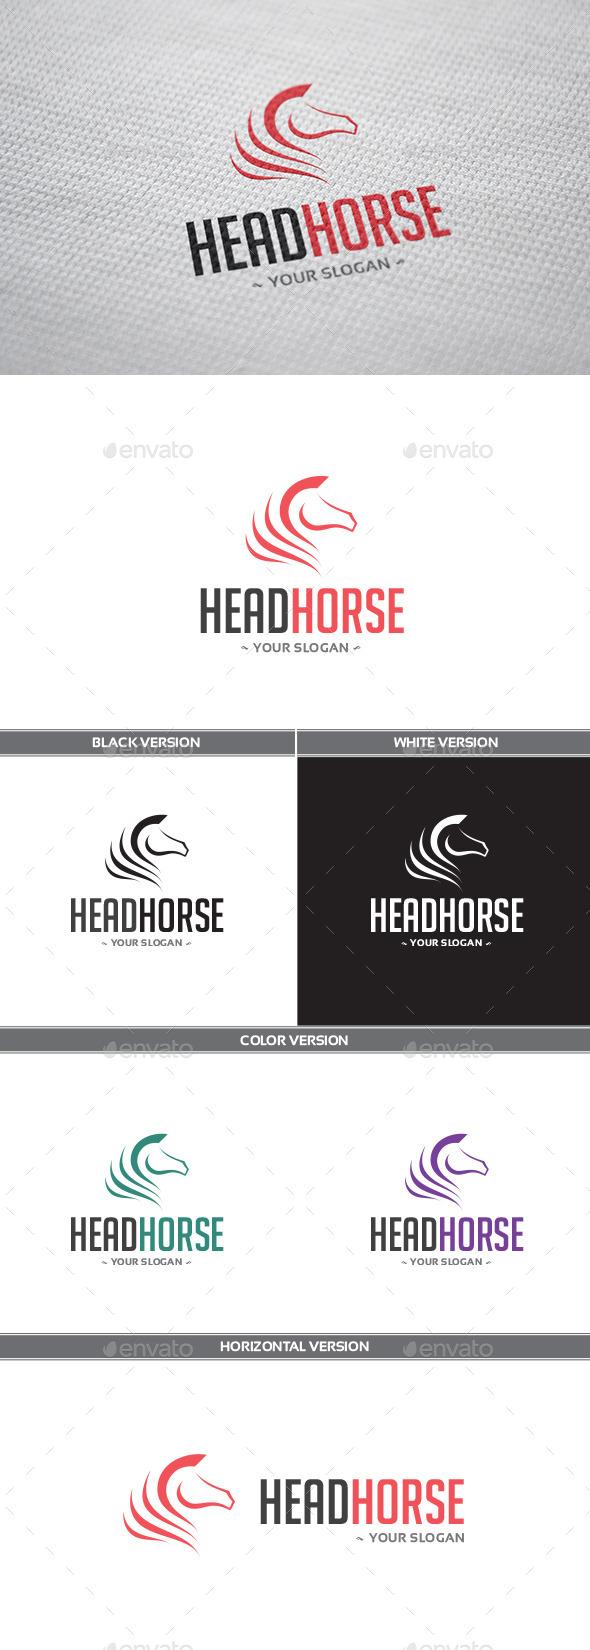 GraphicRiver HeadHorse Logo 9195771